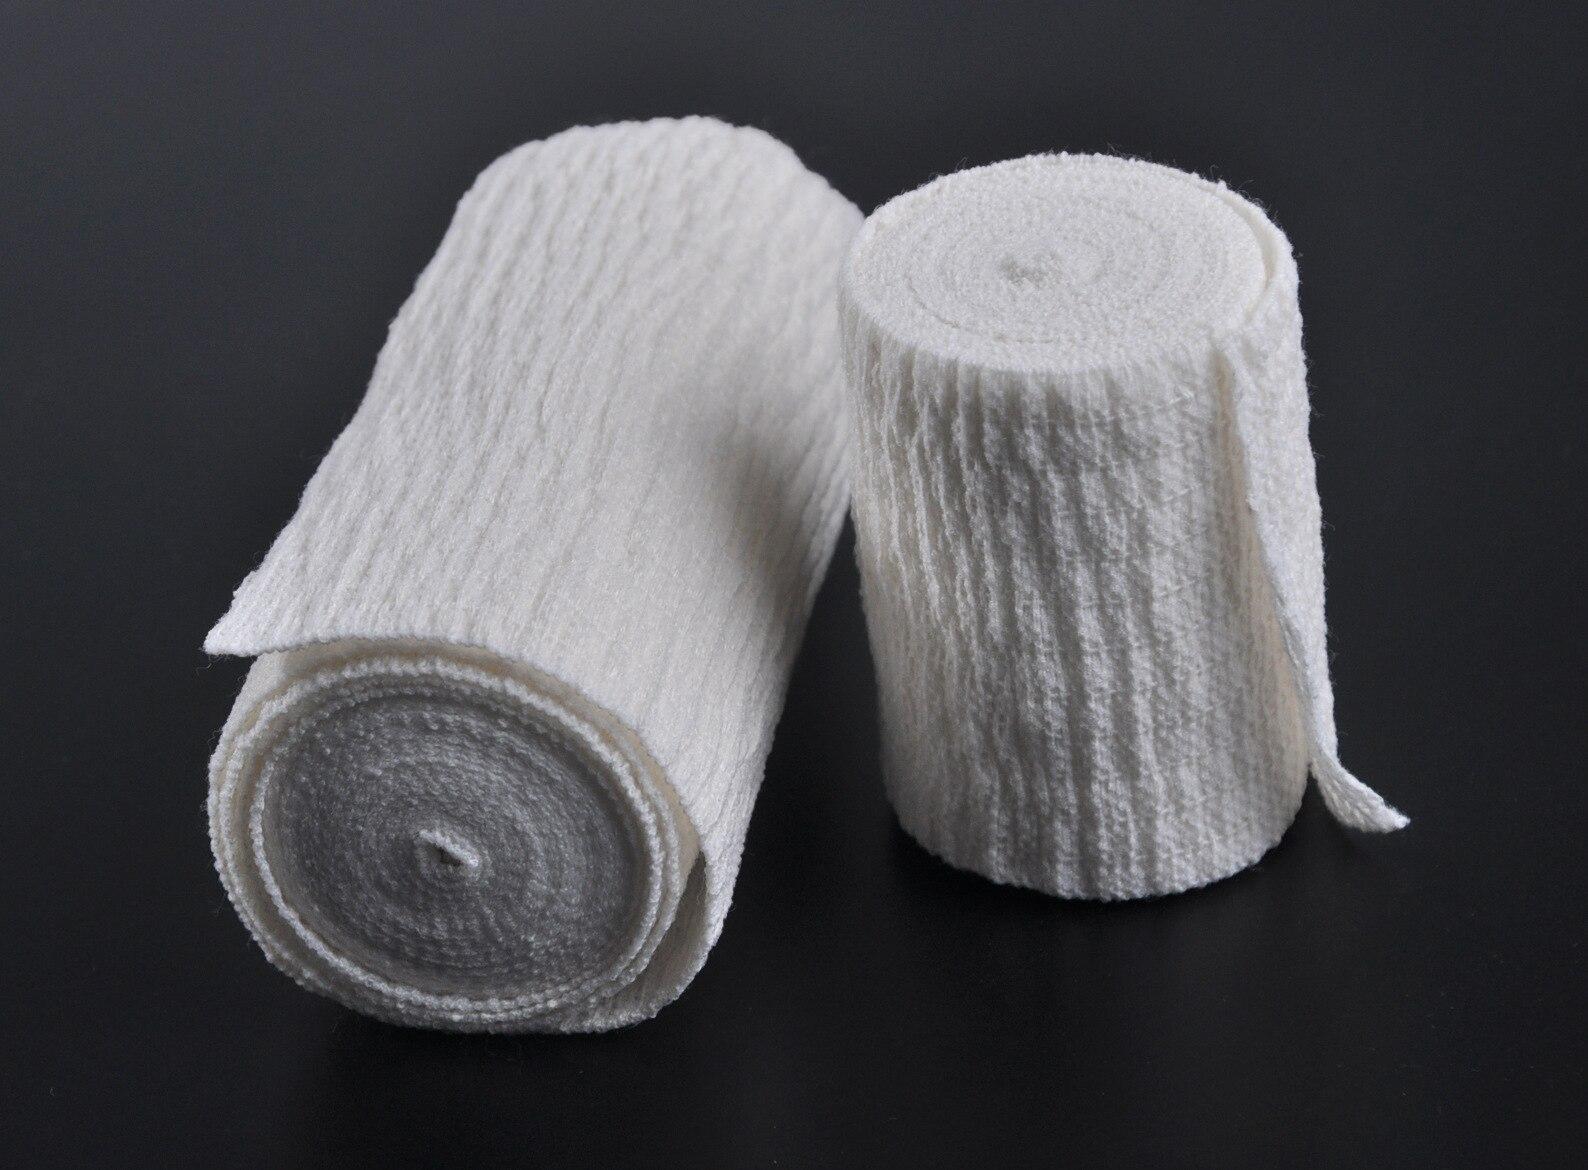 Sports Protection With Bandage Polyester Cotton Urethane Elastic Fibre Flick Bandage Flick Wrinkles Protective Bandage Elastic B